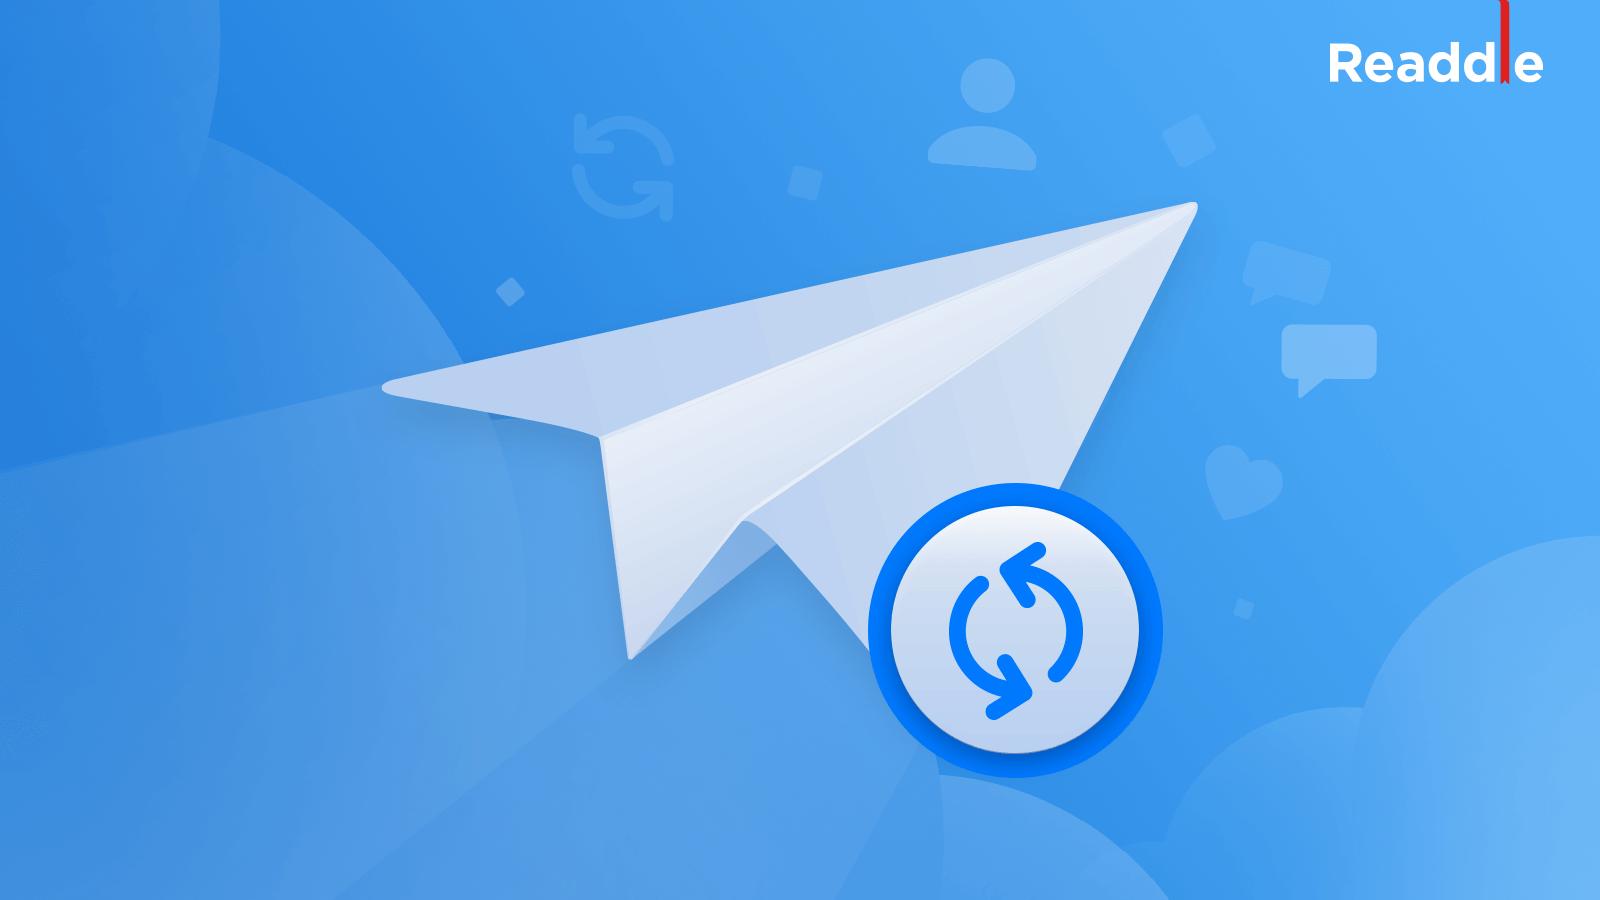 O cliente de e-mail Spark obtém um novo recurso Send Again, uma barra de Desfazer revisada e outras vantagens 1